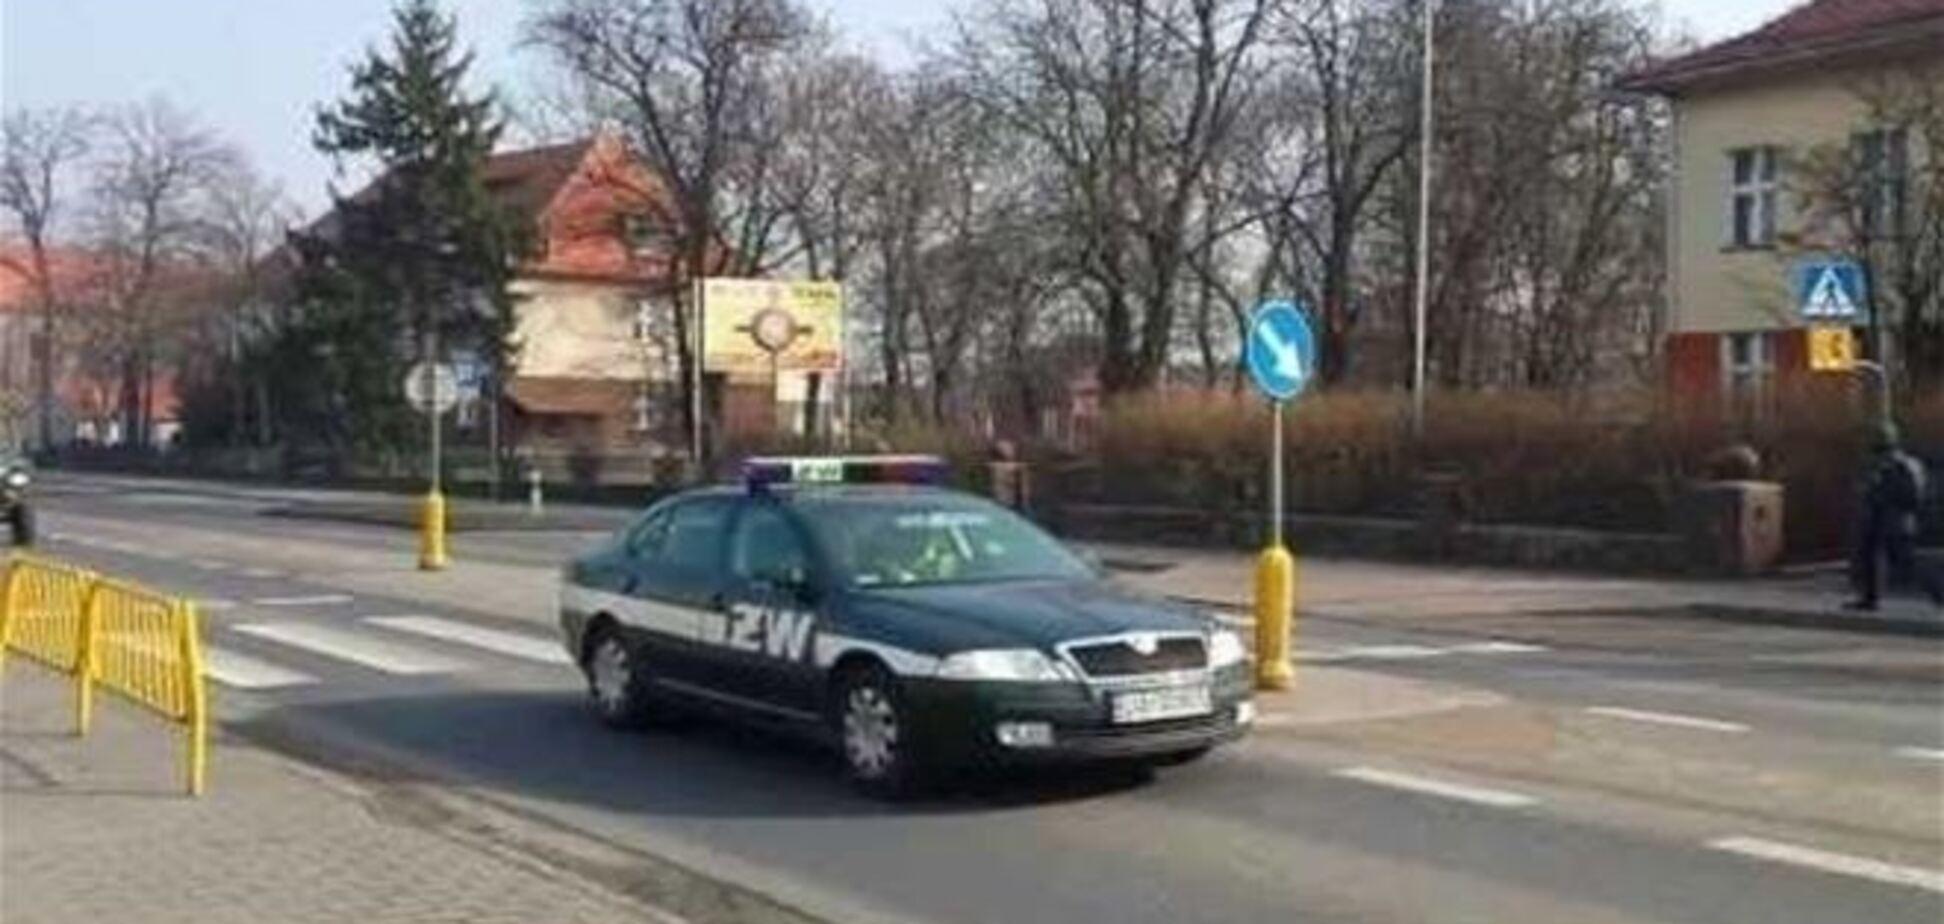 Польша стягивает бронетехнику к границе с Украиной? - 1